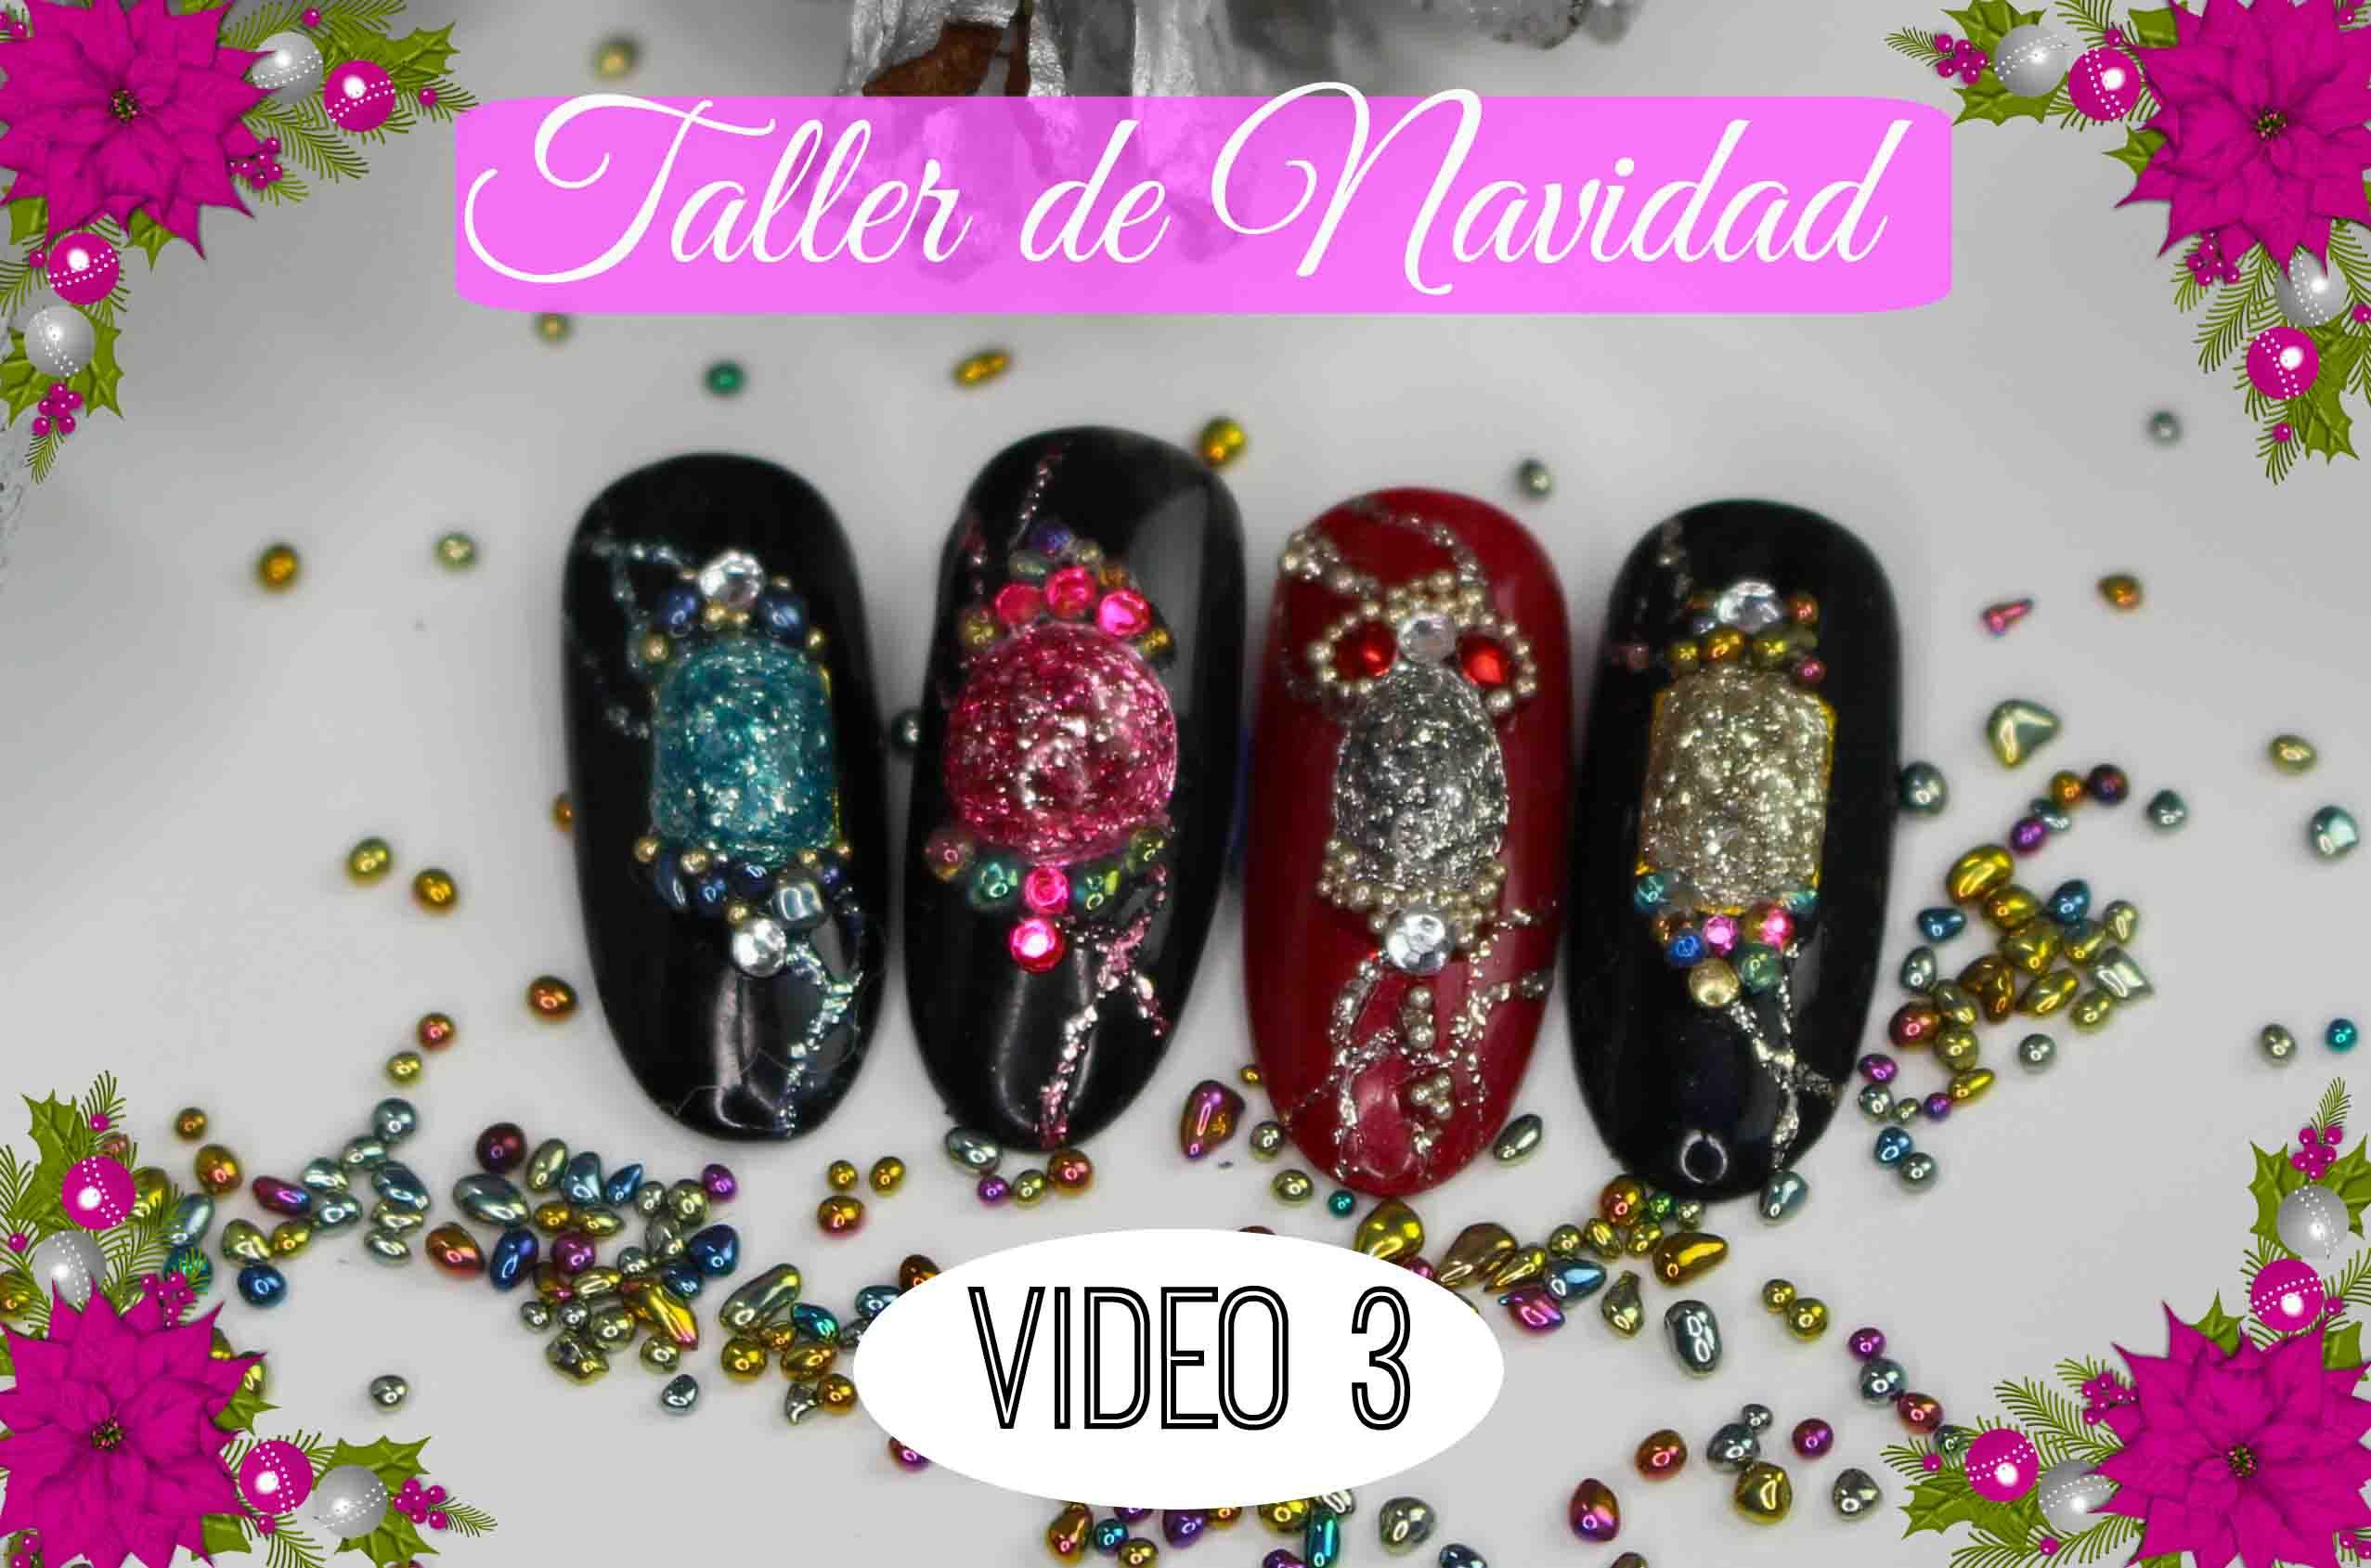 Taller de Navidad Online (Video 3)